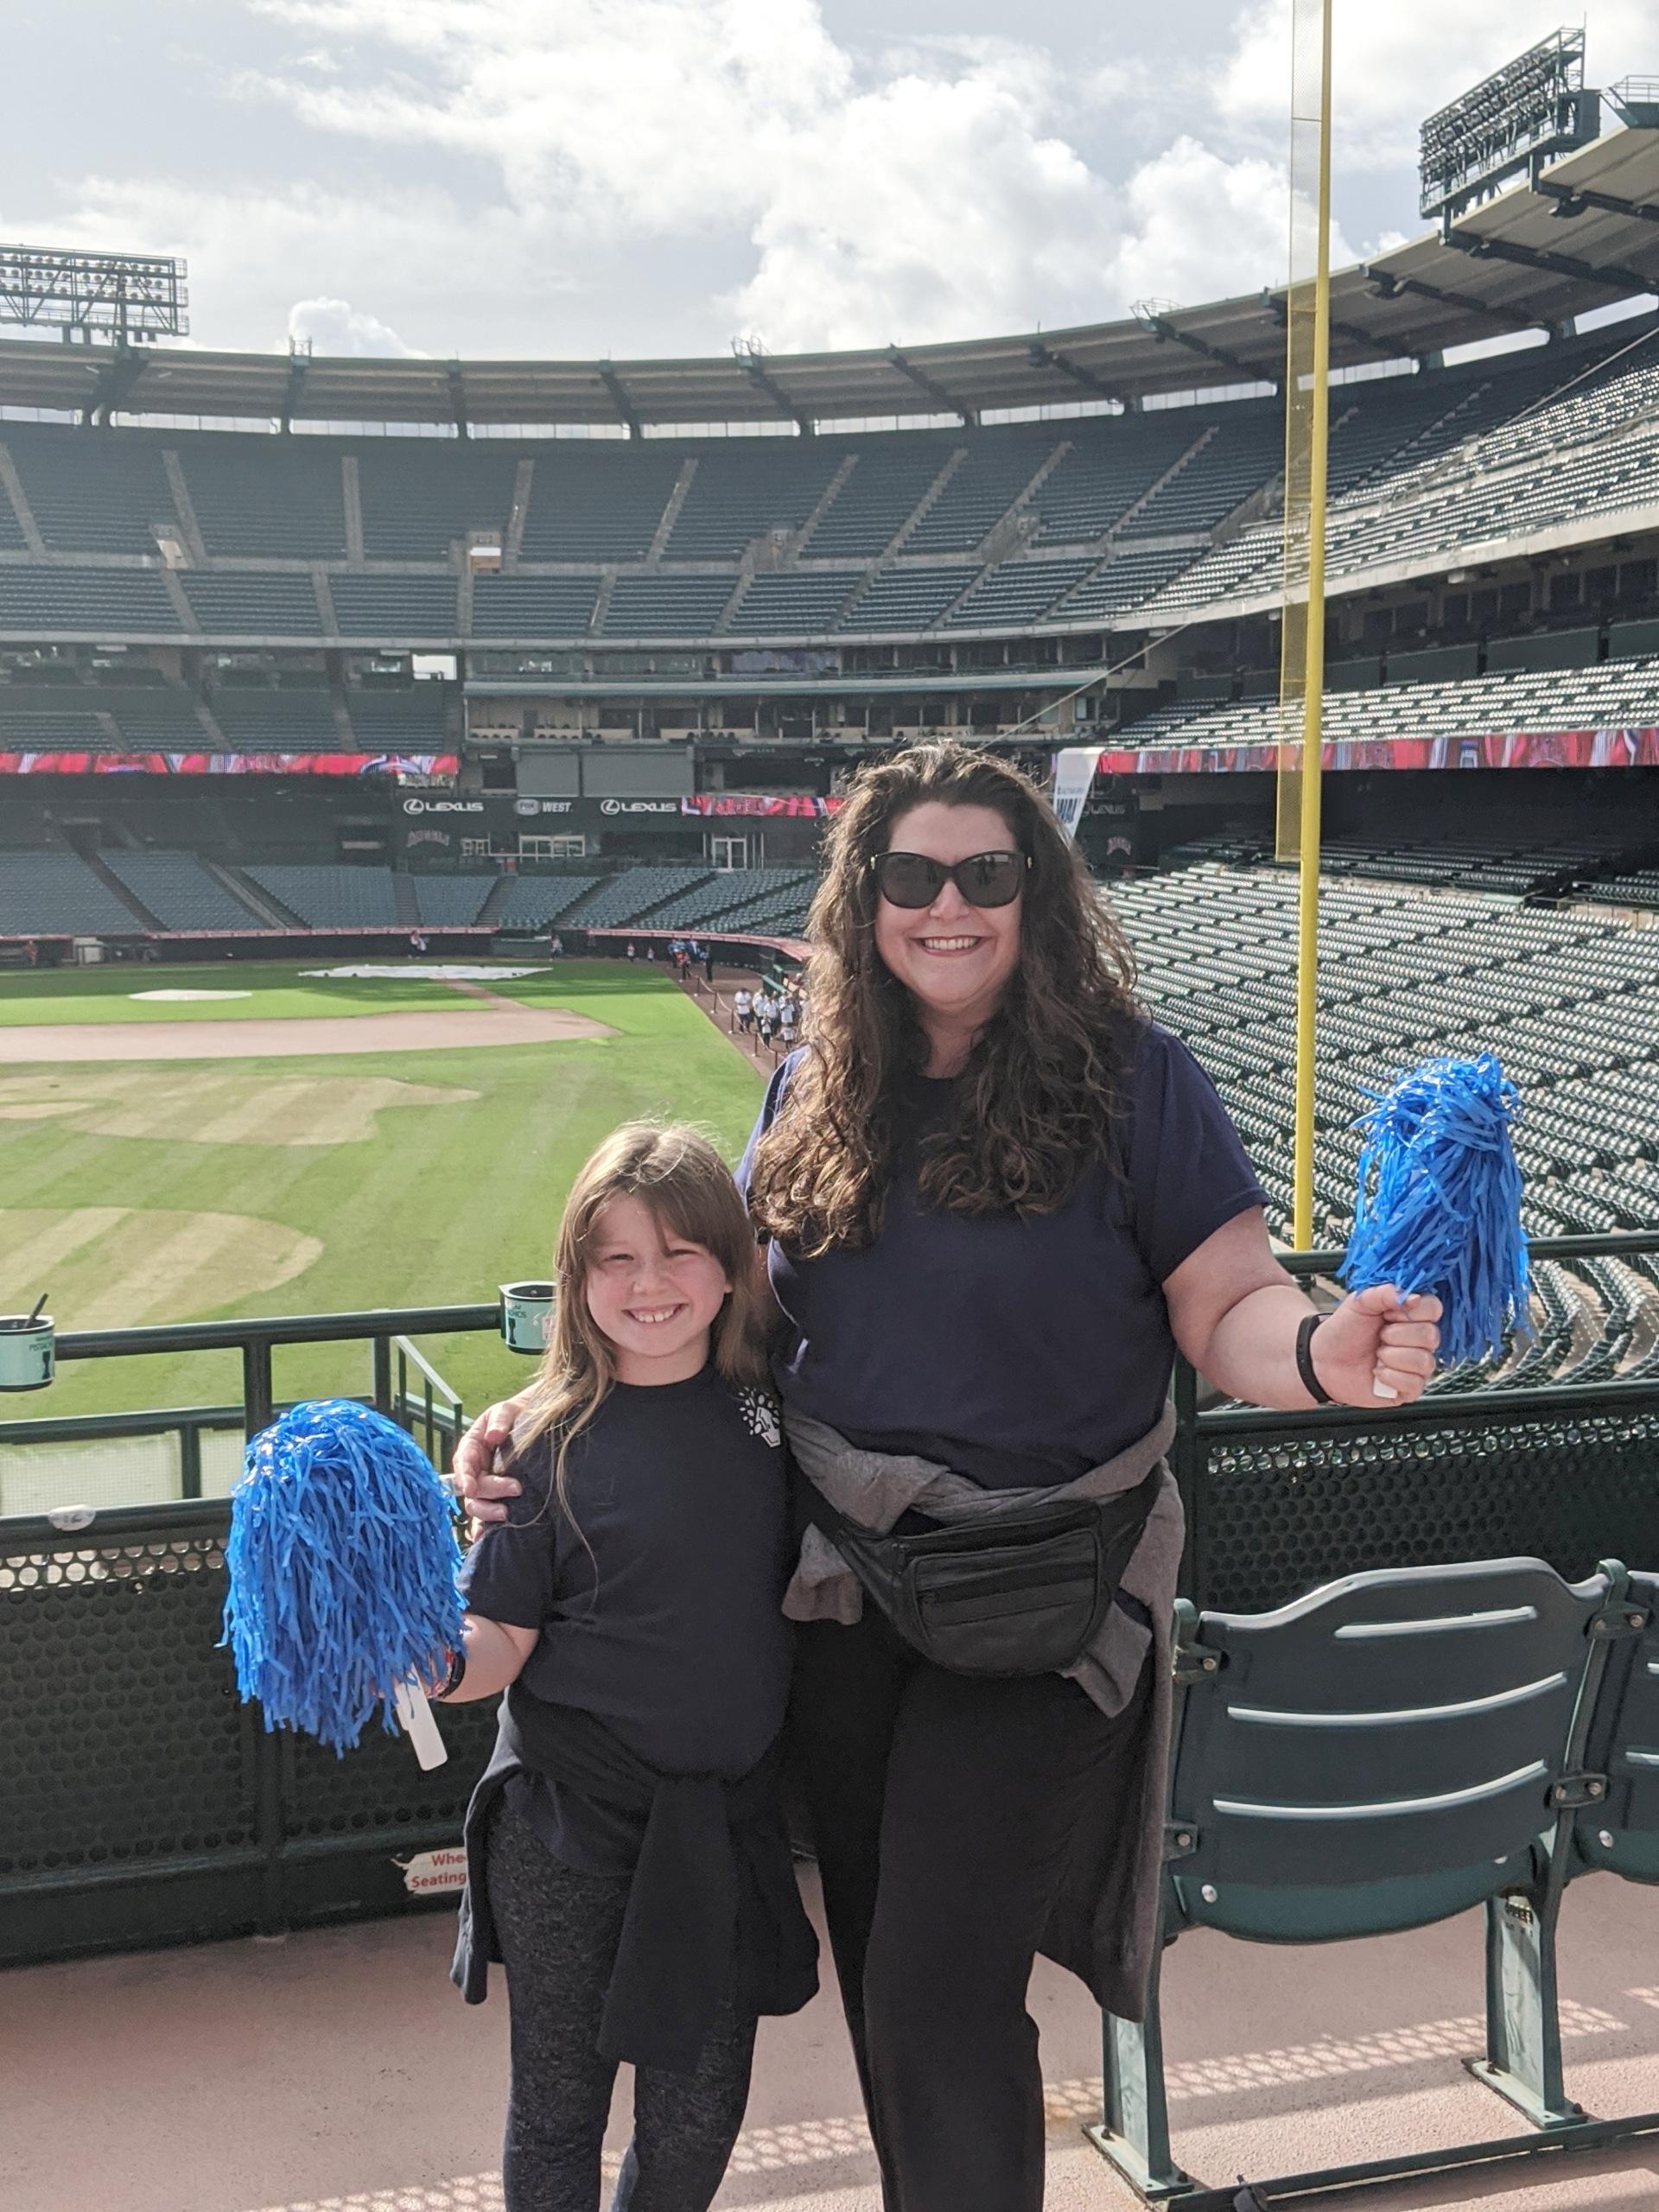 Autism Walk - Angels Stadium